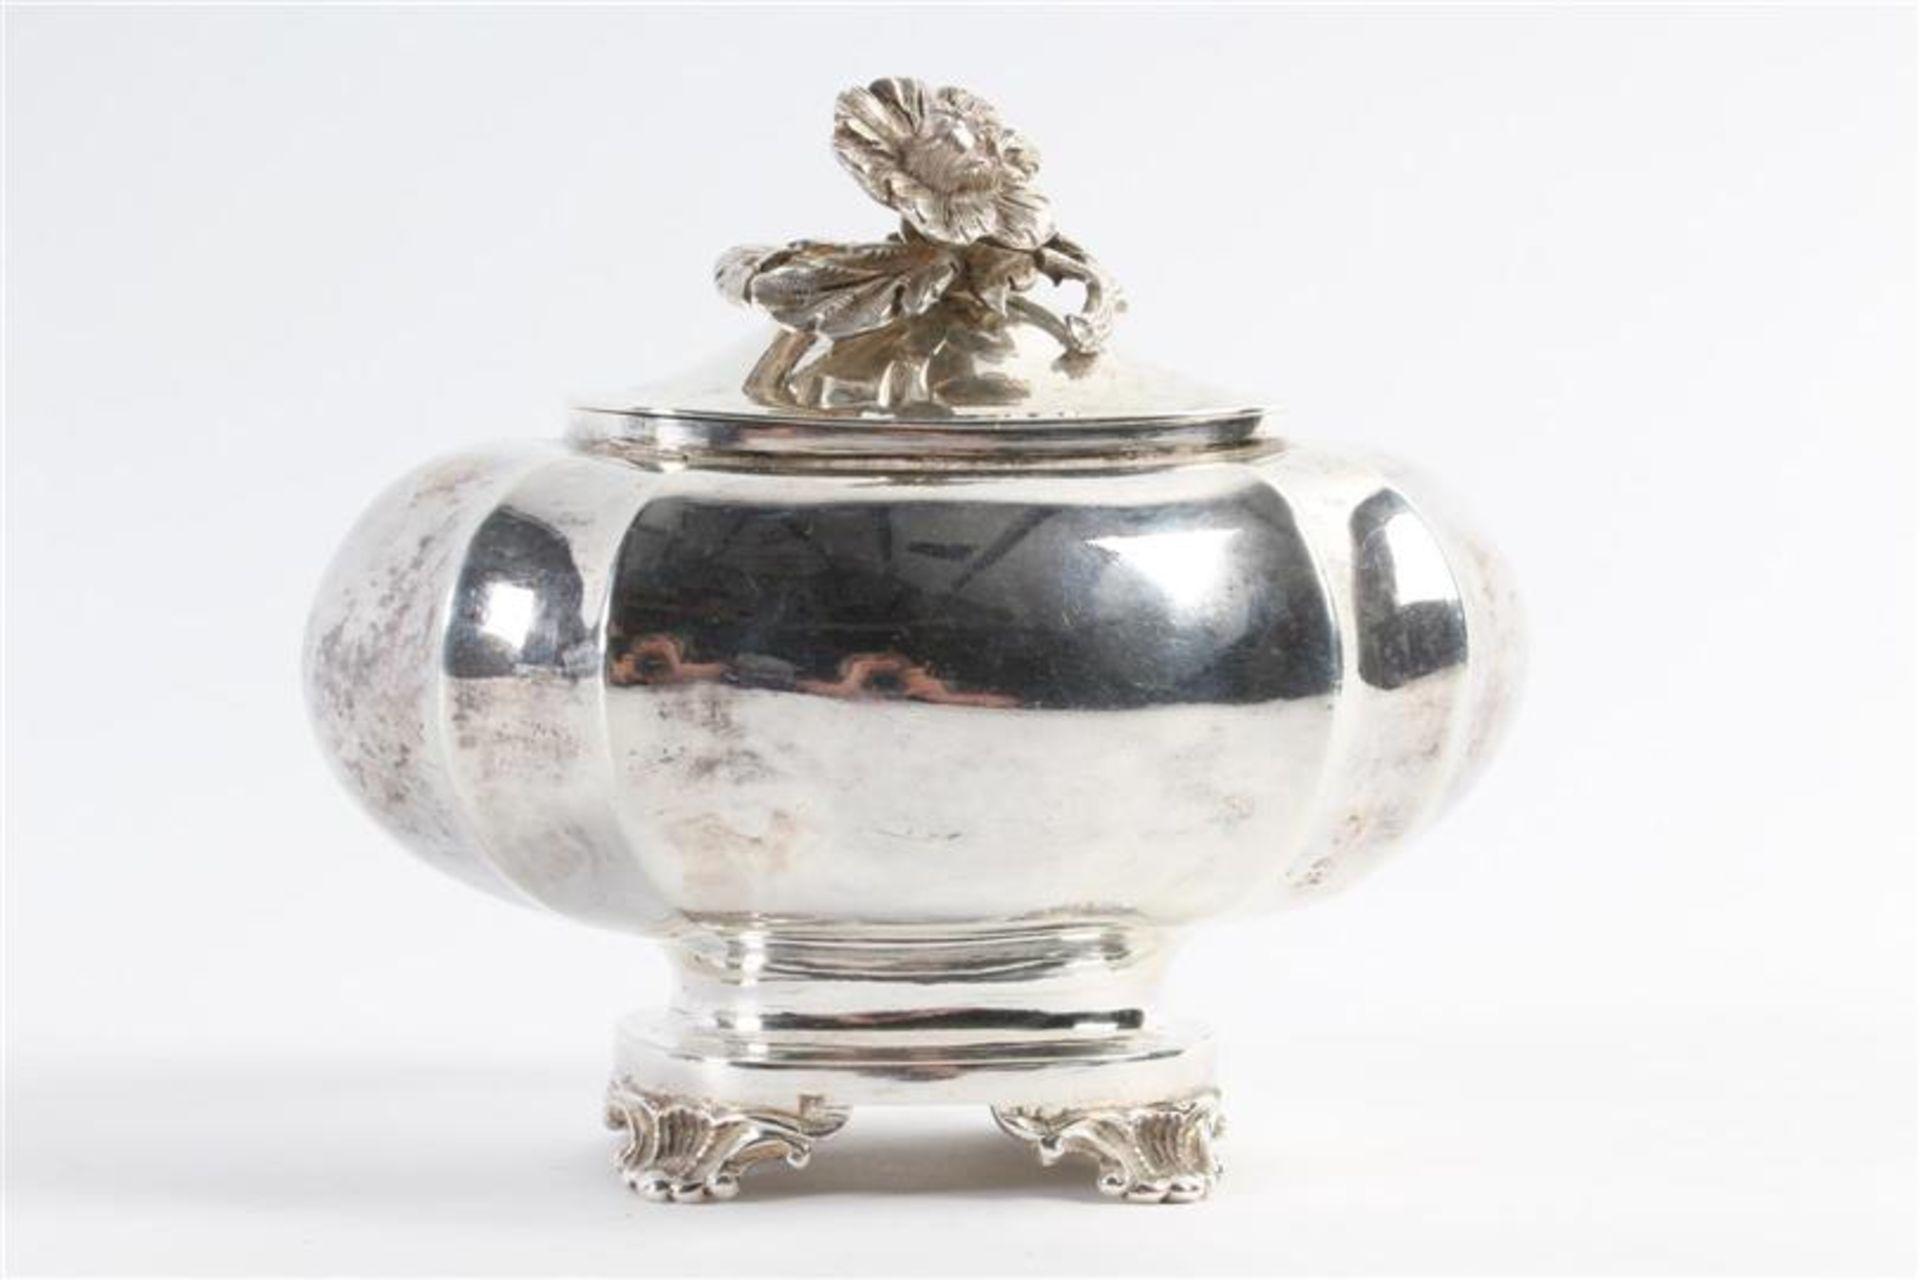 Los 18 - Set van suikerpot en melkkan, 19e eeuw, Hollands gekeurd. Gewicht: 456 g.